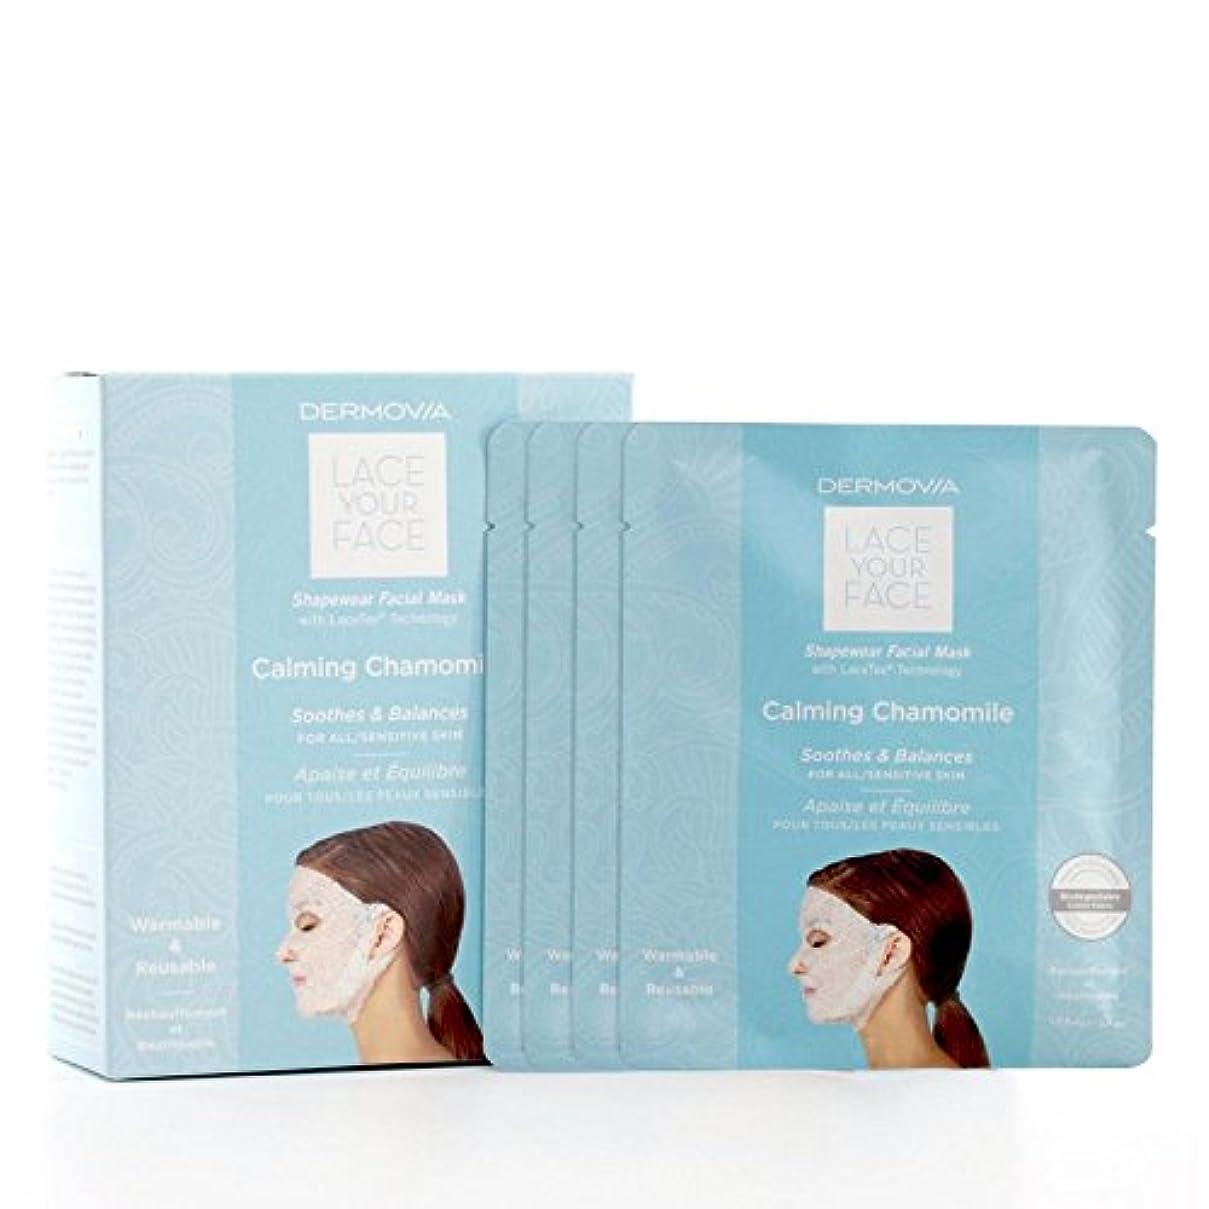 コンパス局黄ばむは、あなたの顔の圧縮フェイシャルマスク心を落ち着かせるカモミールをひもで締めます x4 - Dermovia Lace Your Face Compression Facial Mask Calming Chamomile...